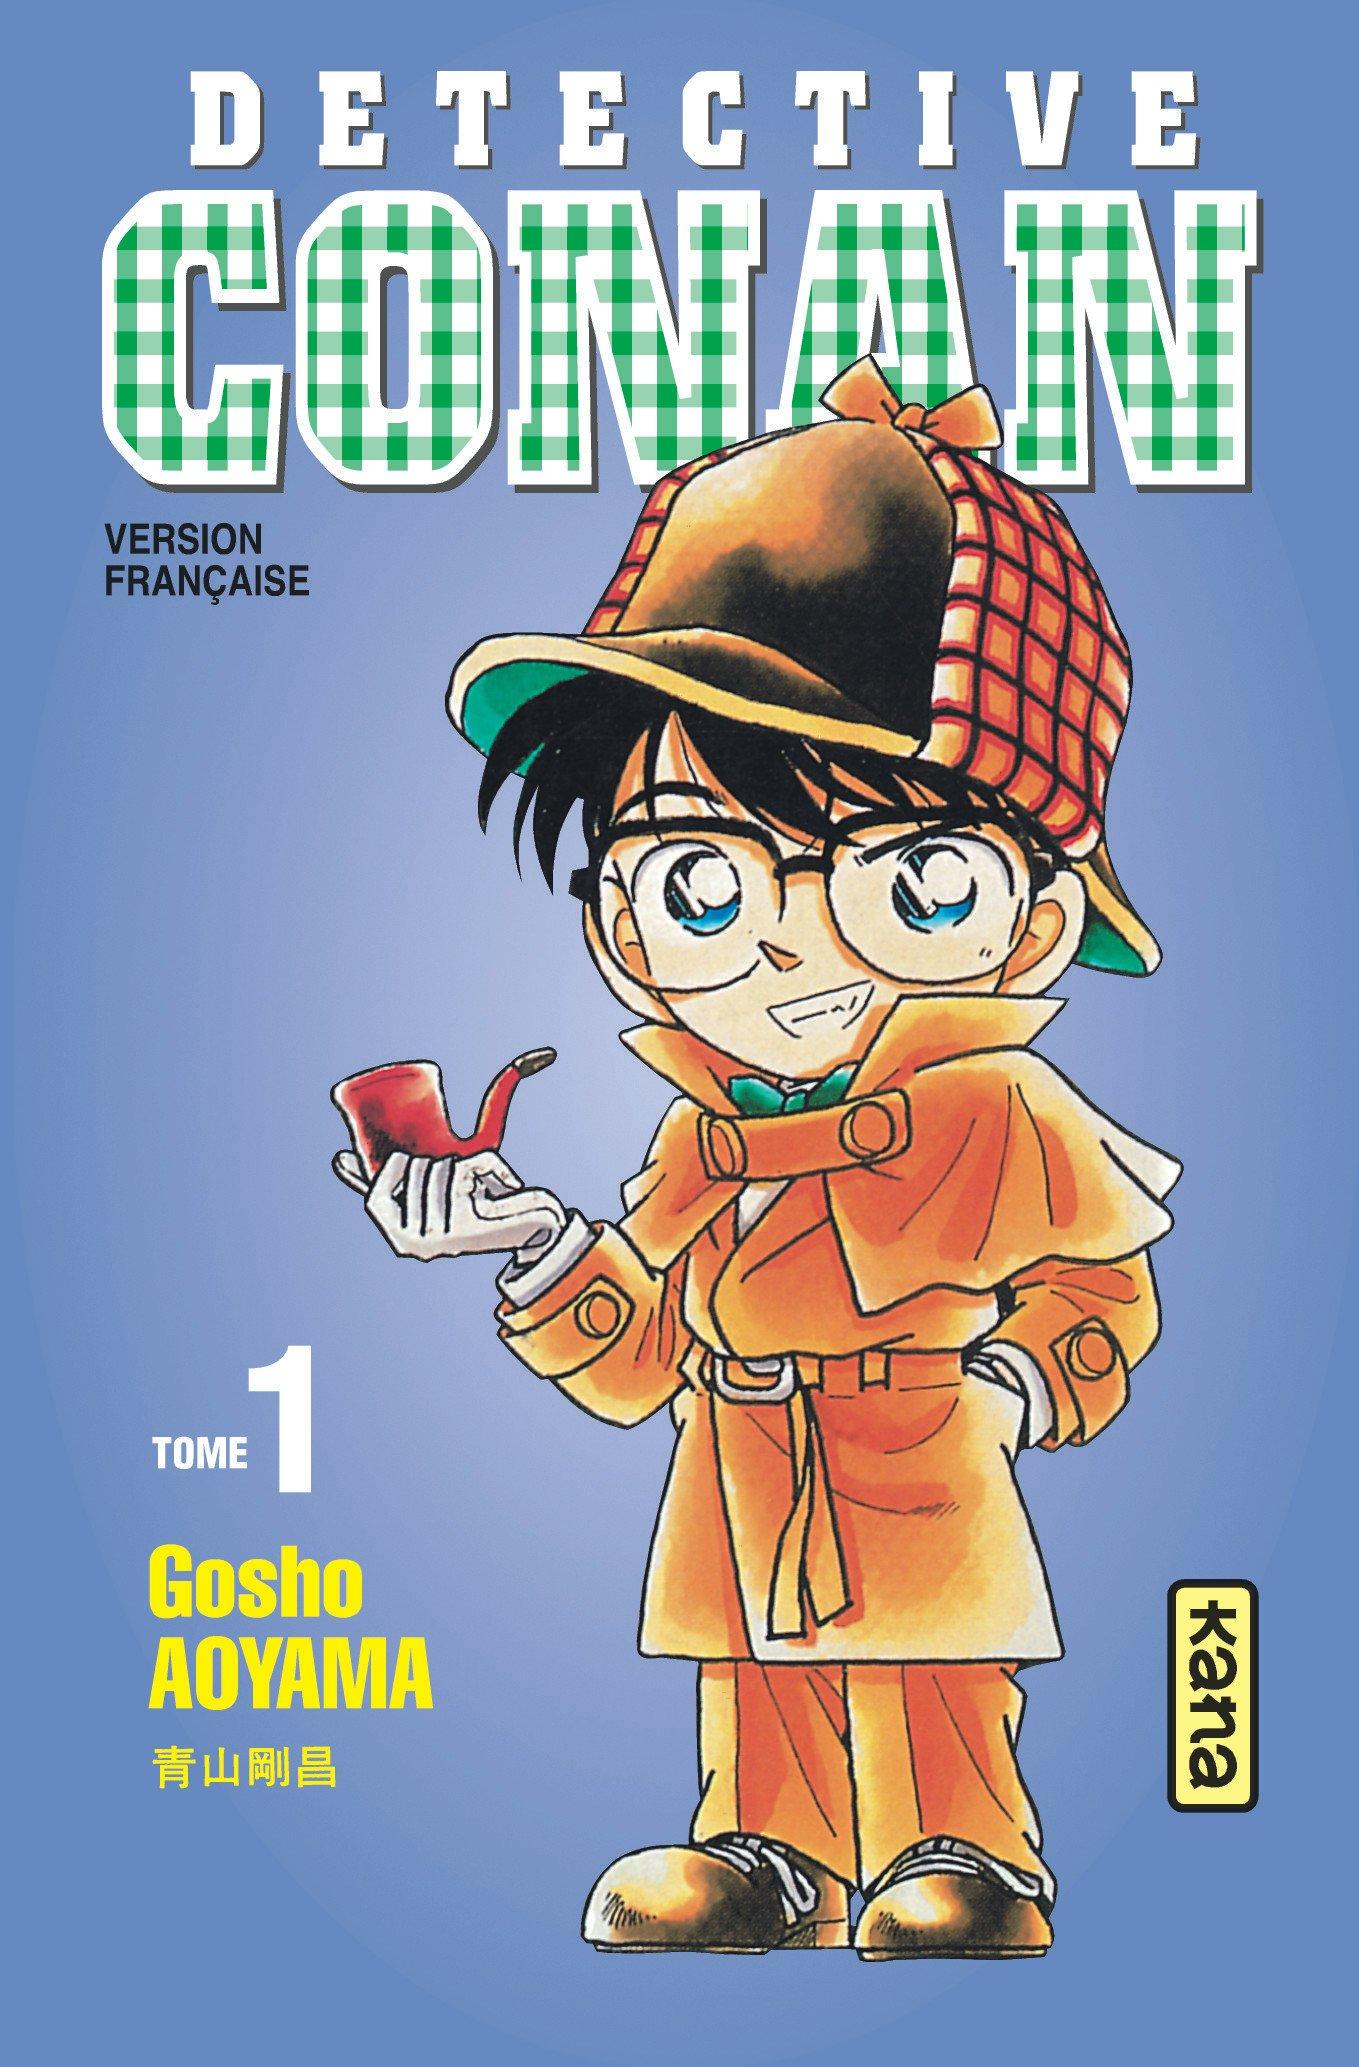 Détective Conan, tome 1 por Gosho Aoyama